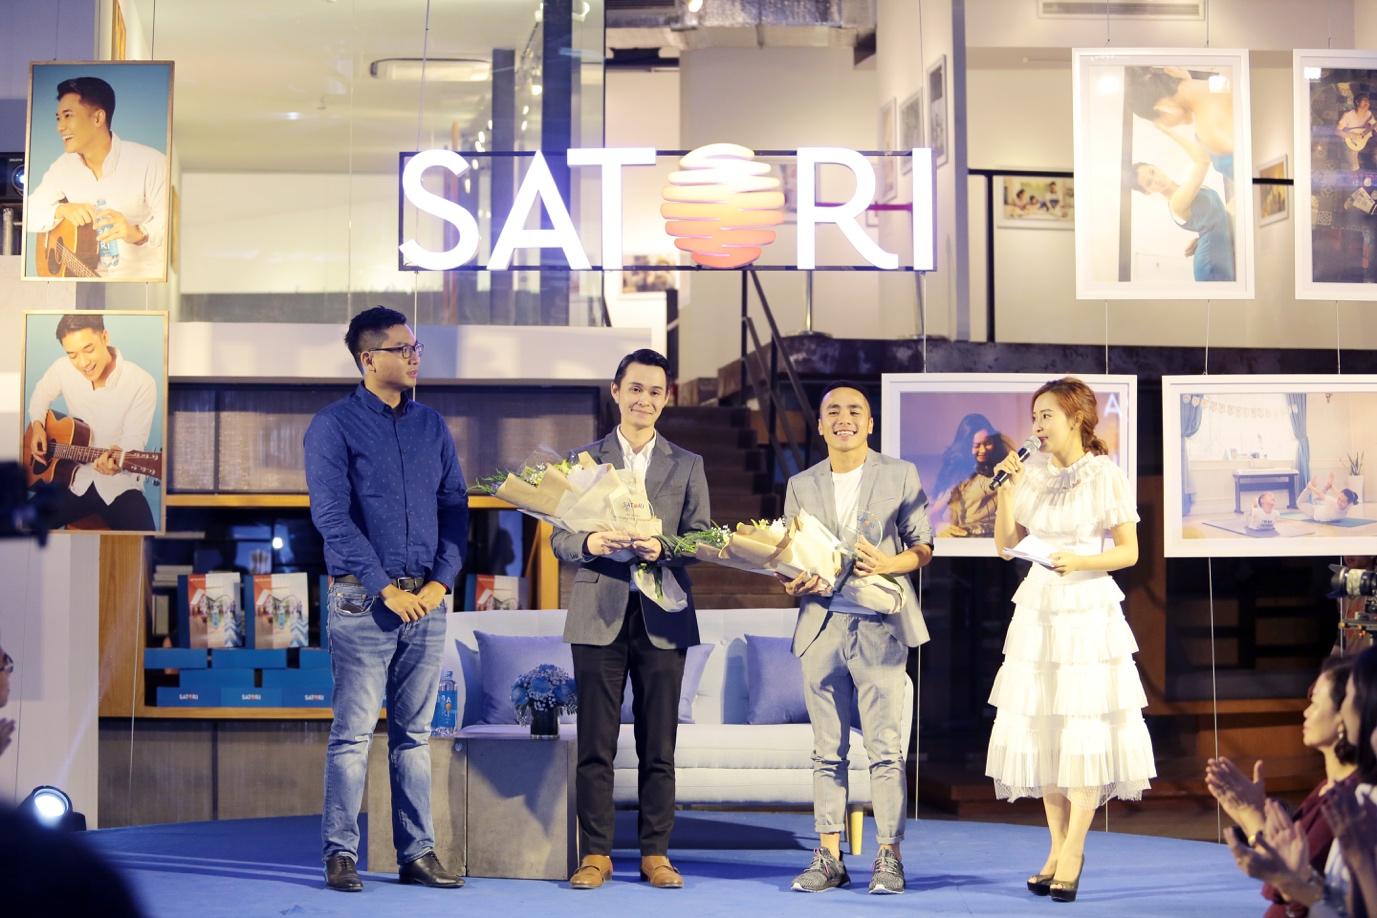 Satori chính thức ra mắt nước uống đóng chai với công nghệ hoàn lưu khoáng sRO tiên phong tại Việt Nam - Ảnh 4.